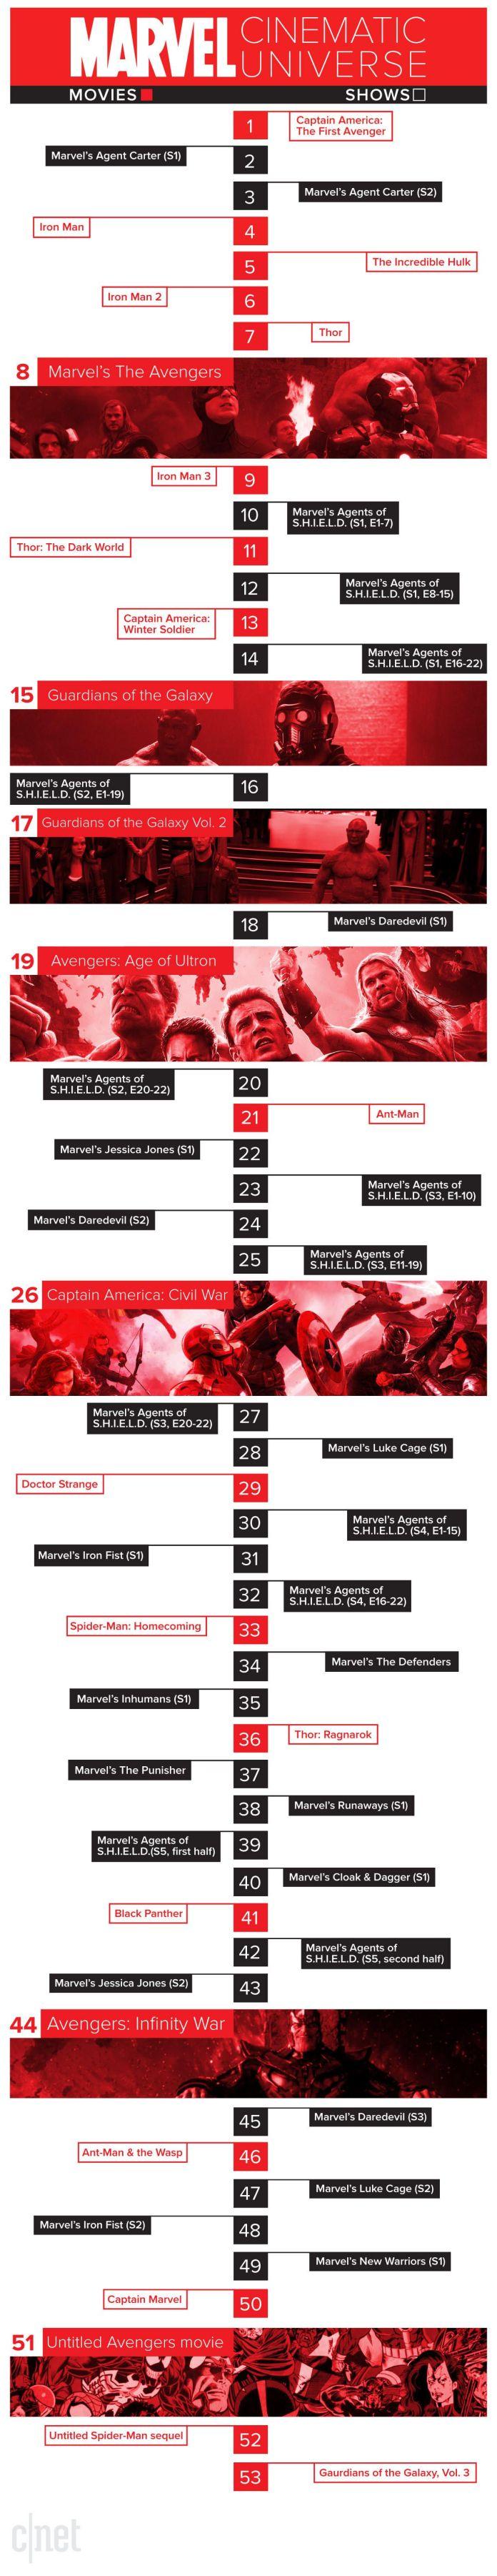 marvel-timeline-v2-1